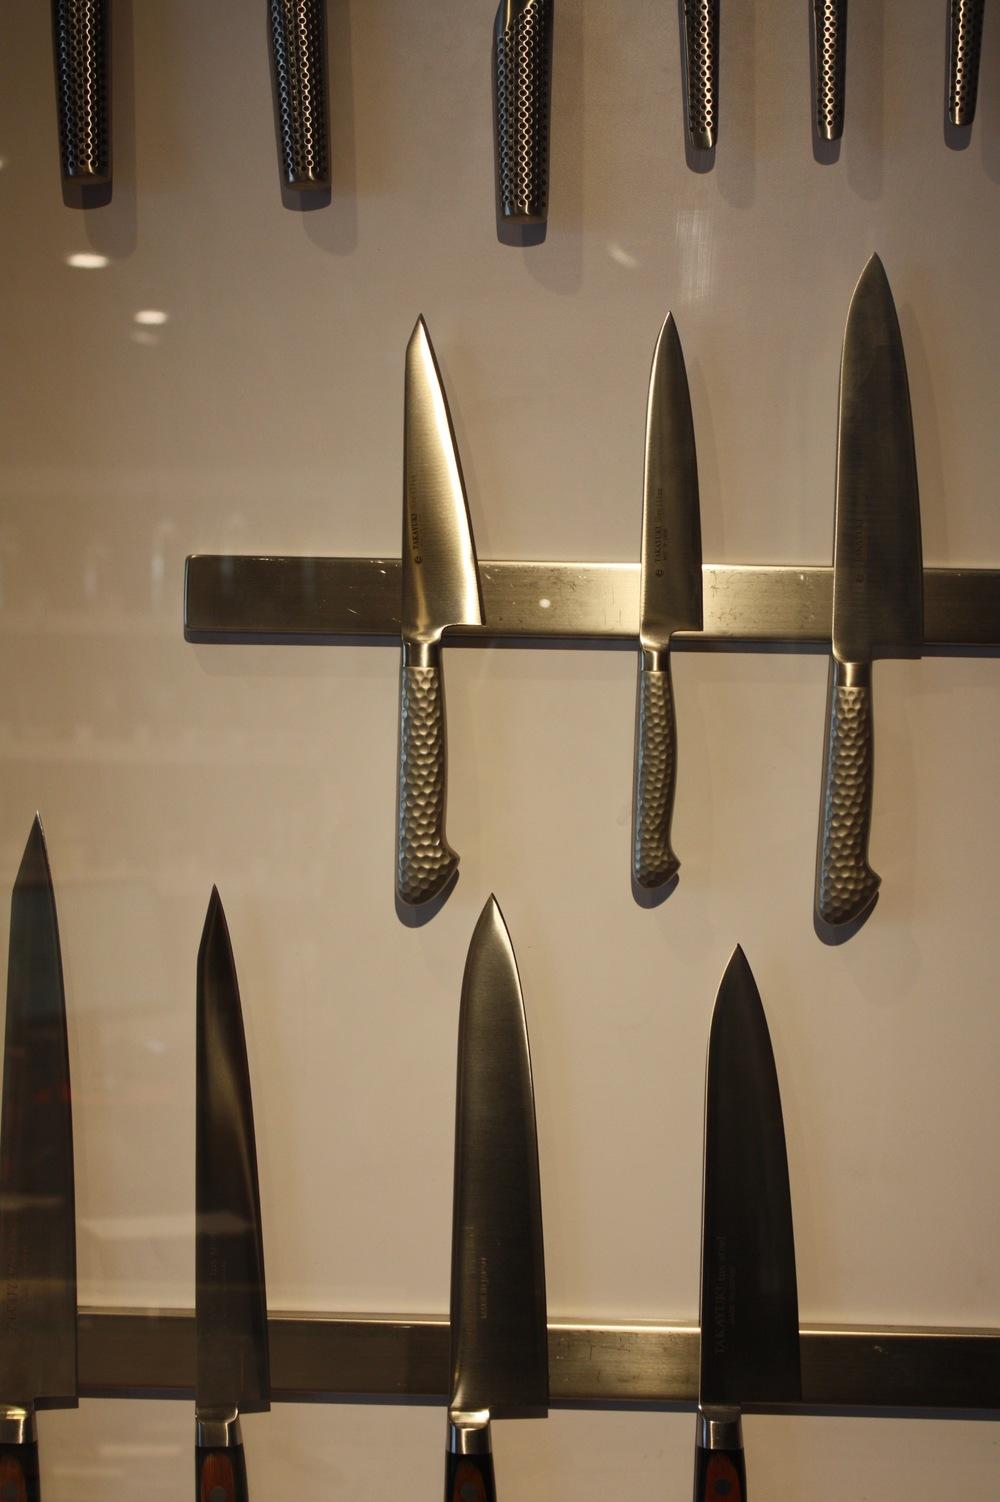 Global & compagnie, outils culinaires japonais faits d'une seule pièce, leur équilibre parfaitement fignolé.